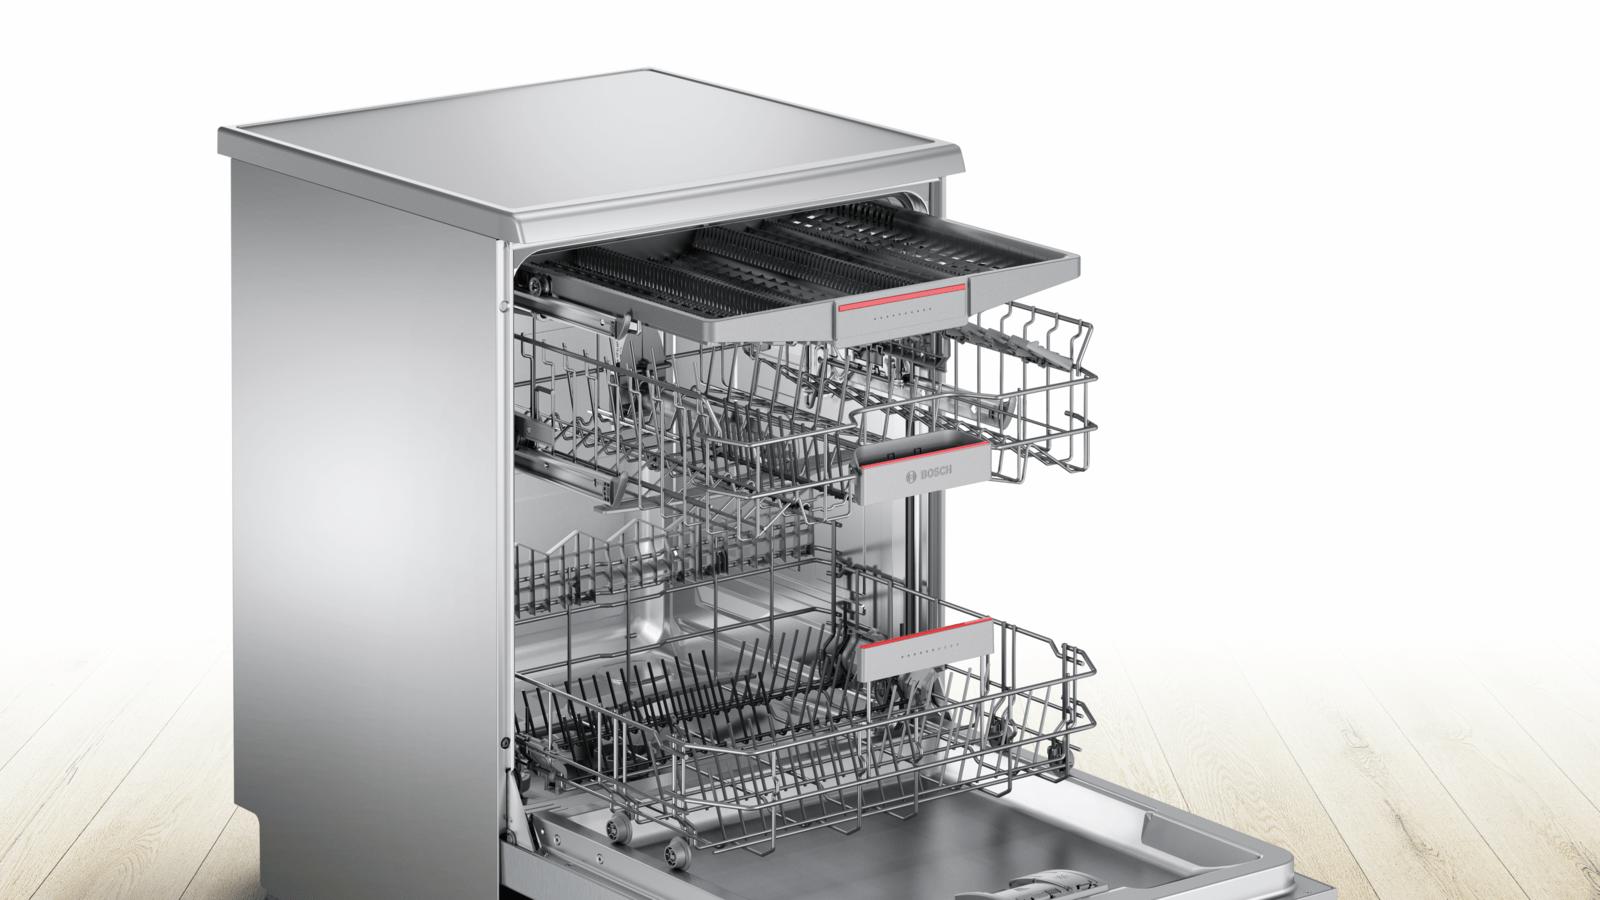 Sửa máy rửa bát Bosch SMS88TI40M tại nhà đúng cách MCSA02470633_i3789_1843356_SMS46MI03E_PGA2_def